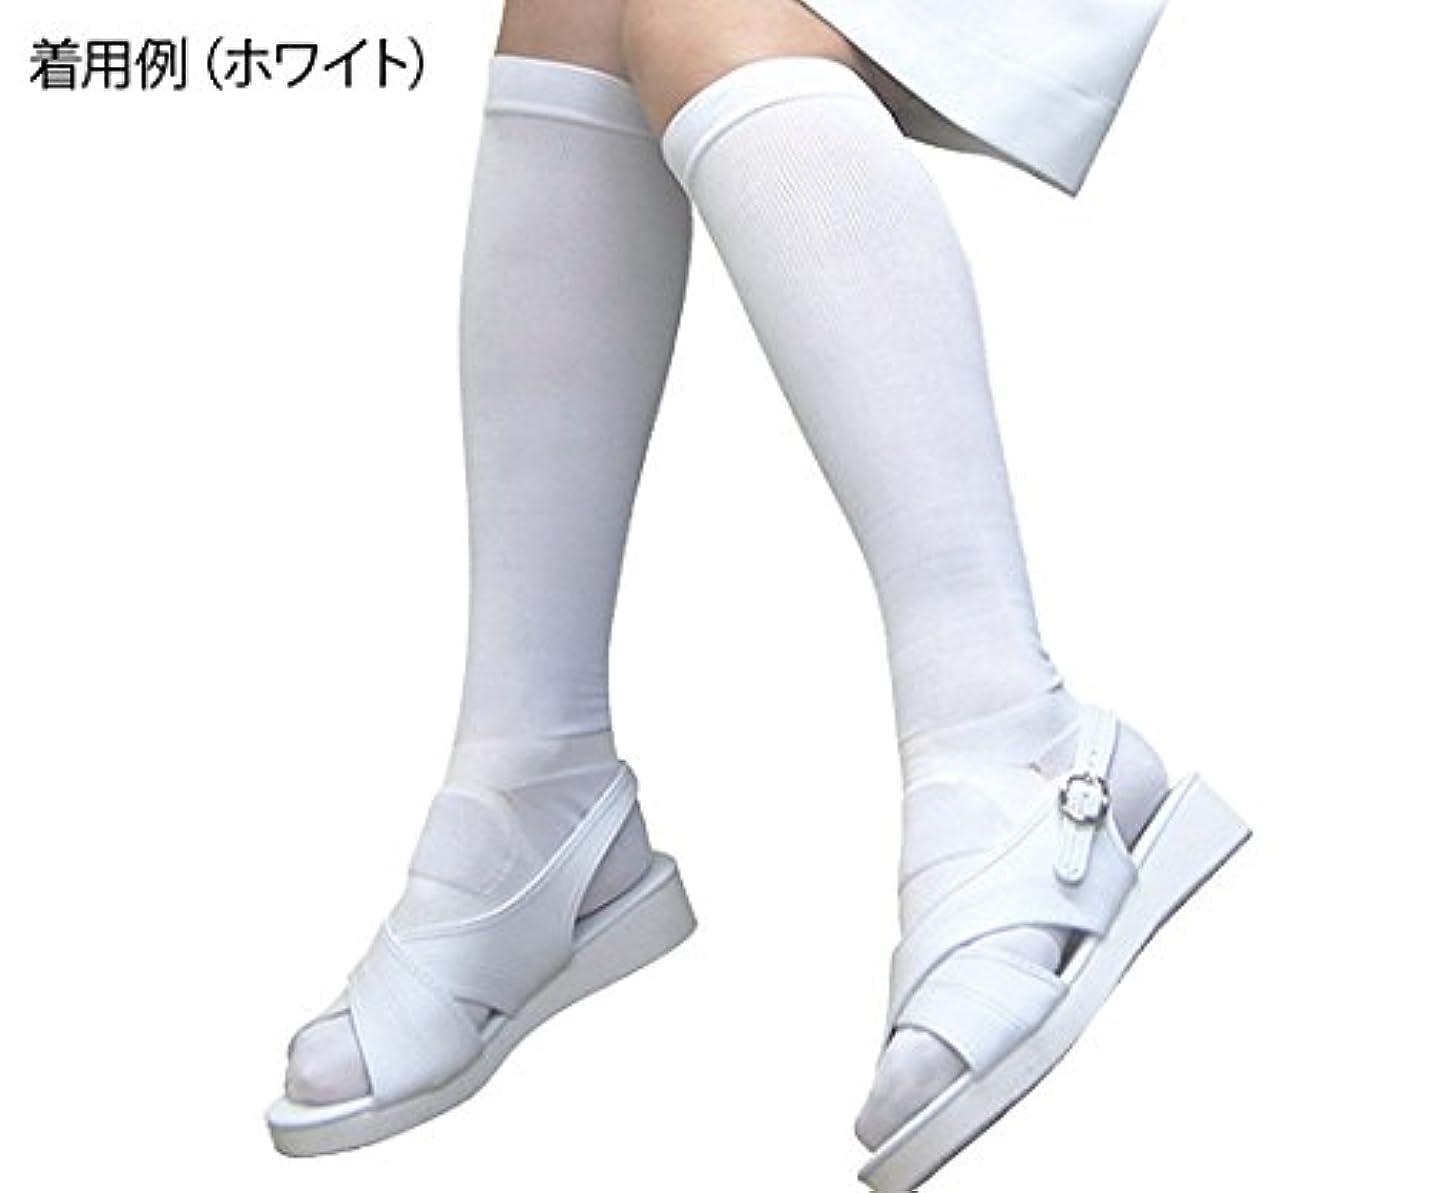 確執ステップ和足もとソリューション女性用 白 Sサイズ  /8-6564-01